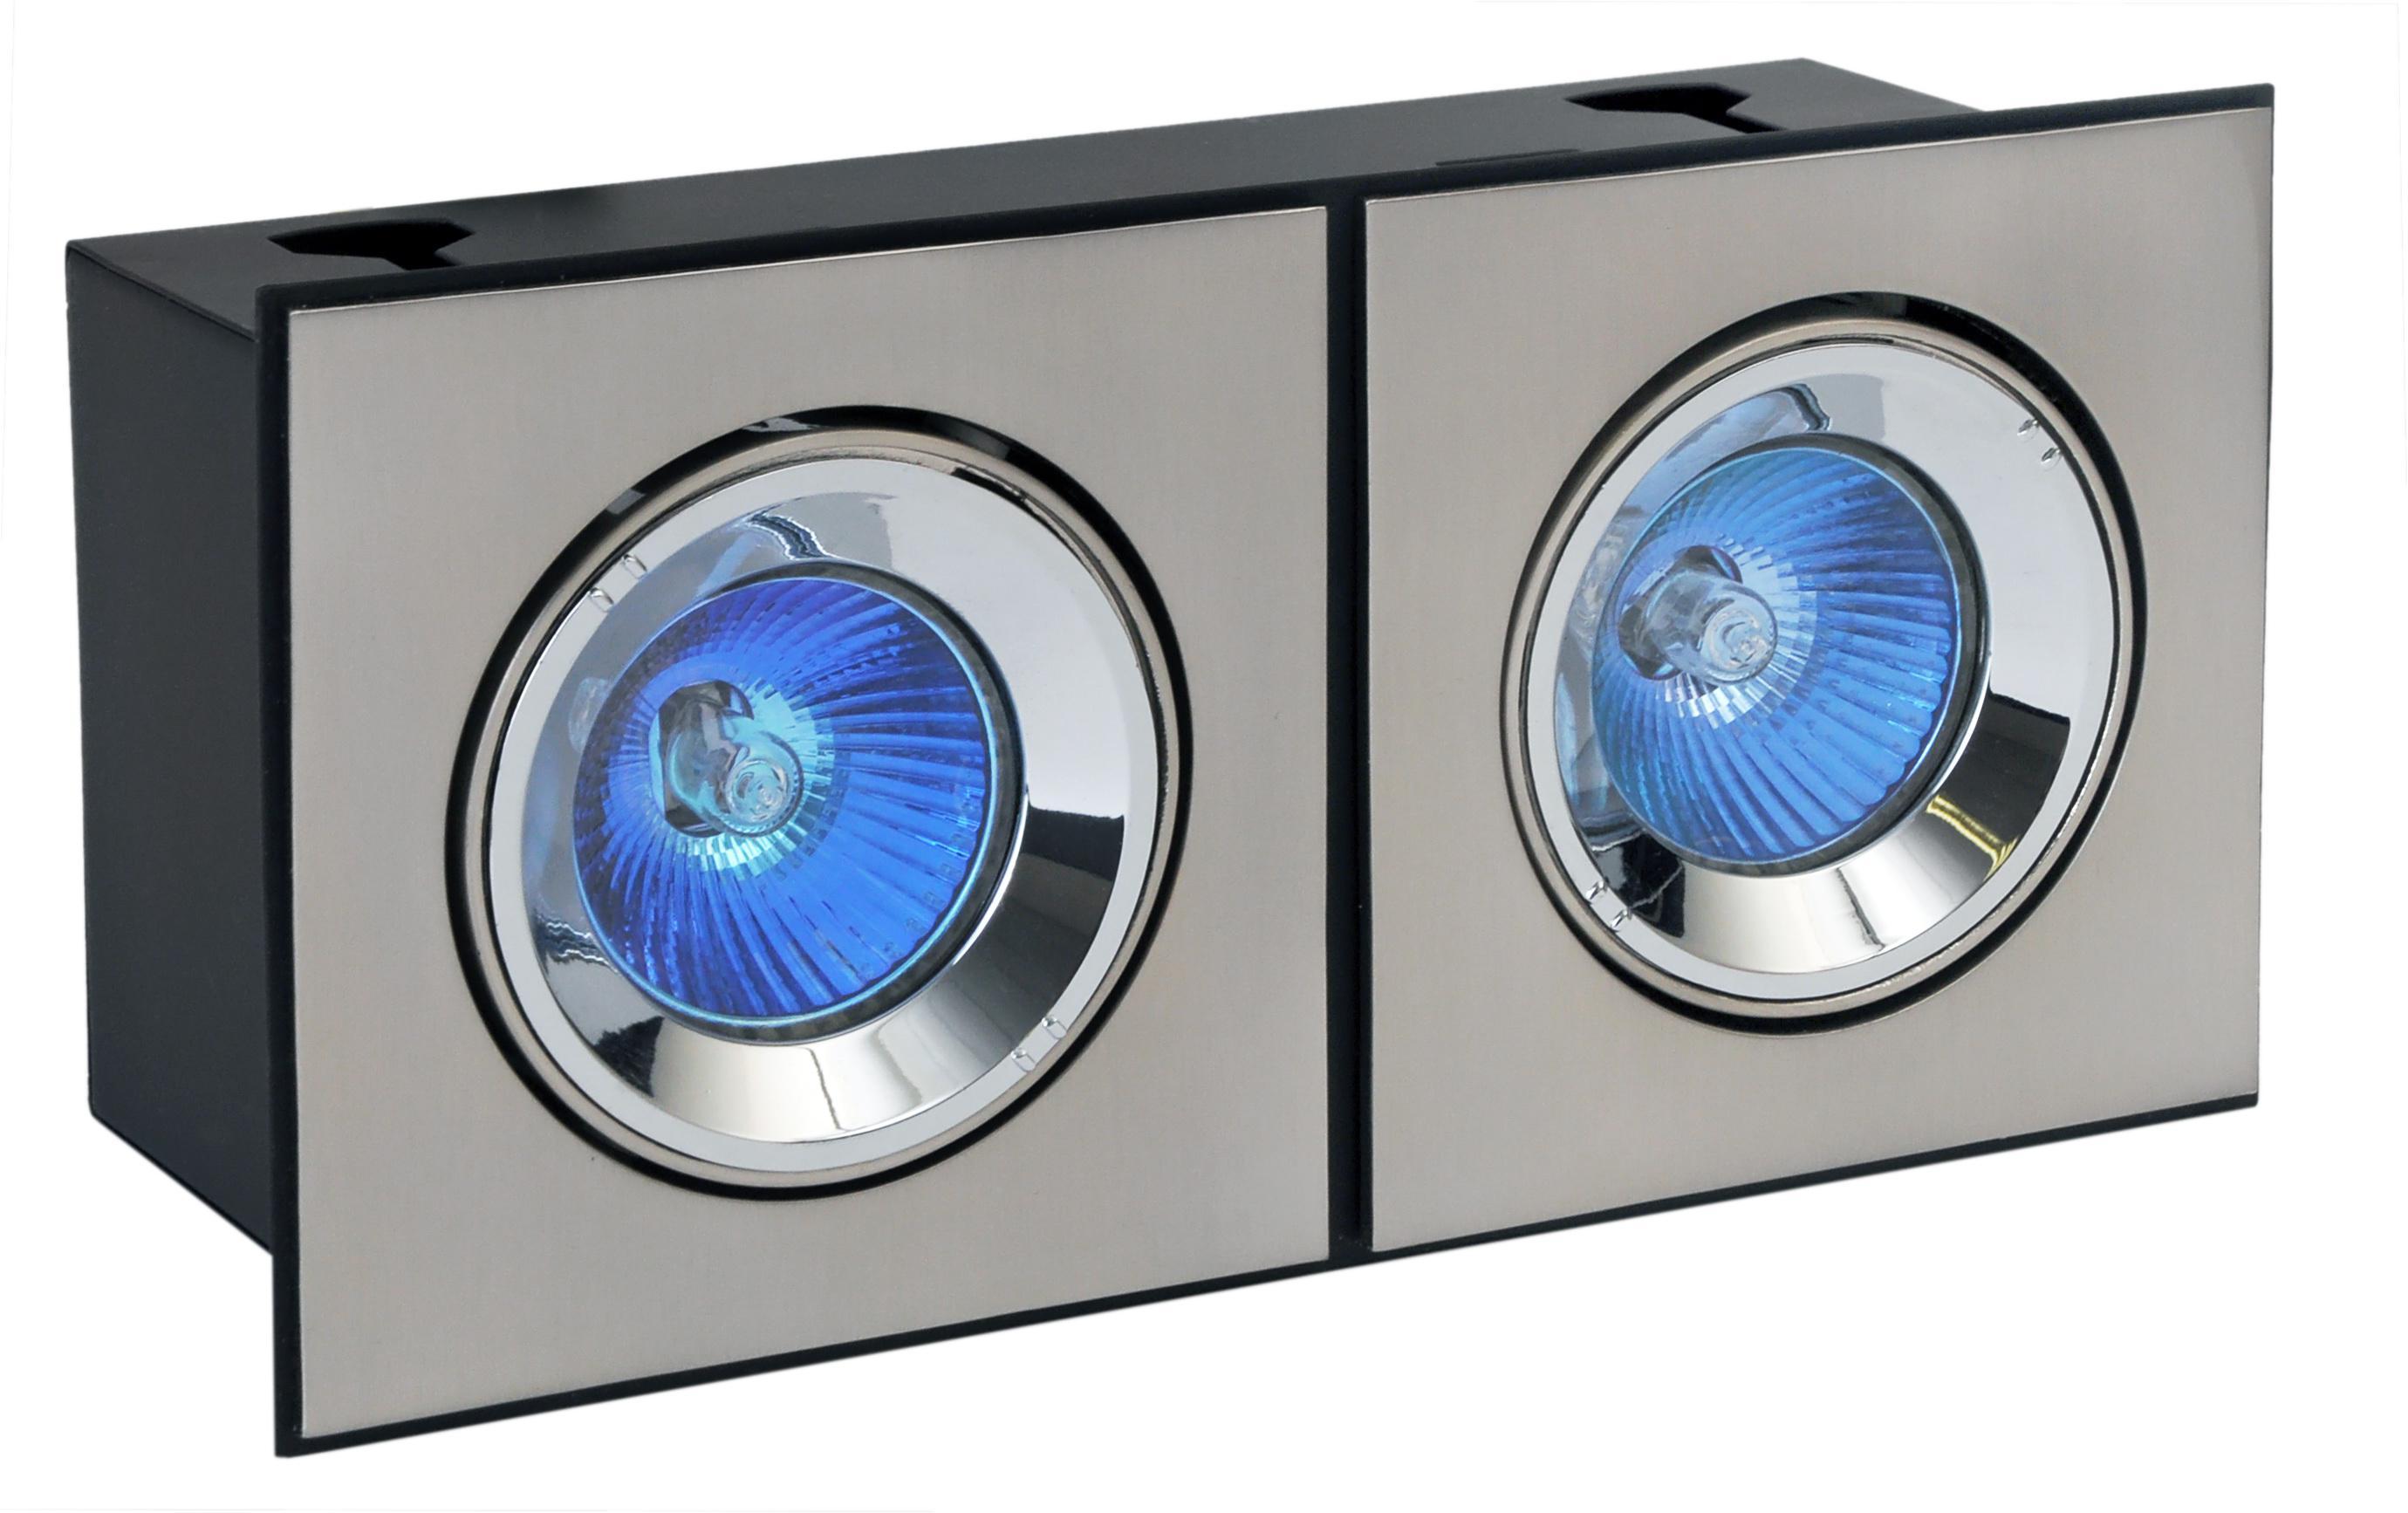 Корпус светильника De fran Dar m41x2 карданный два модуля с трансформаторами и лампами сатин-никель original projector lamp vlt xd400lp 915d035o10 for mitsubishi lvp xd460 xd460u dx540 dx545 dx548 es100u es10u